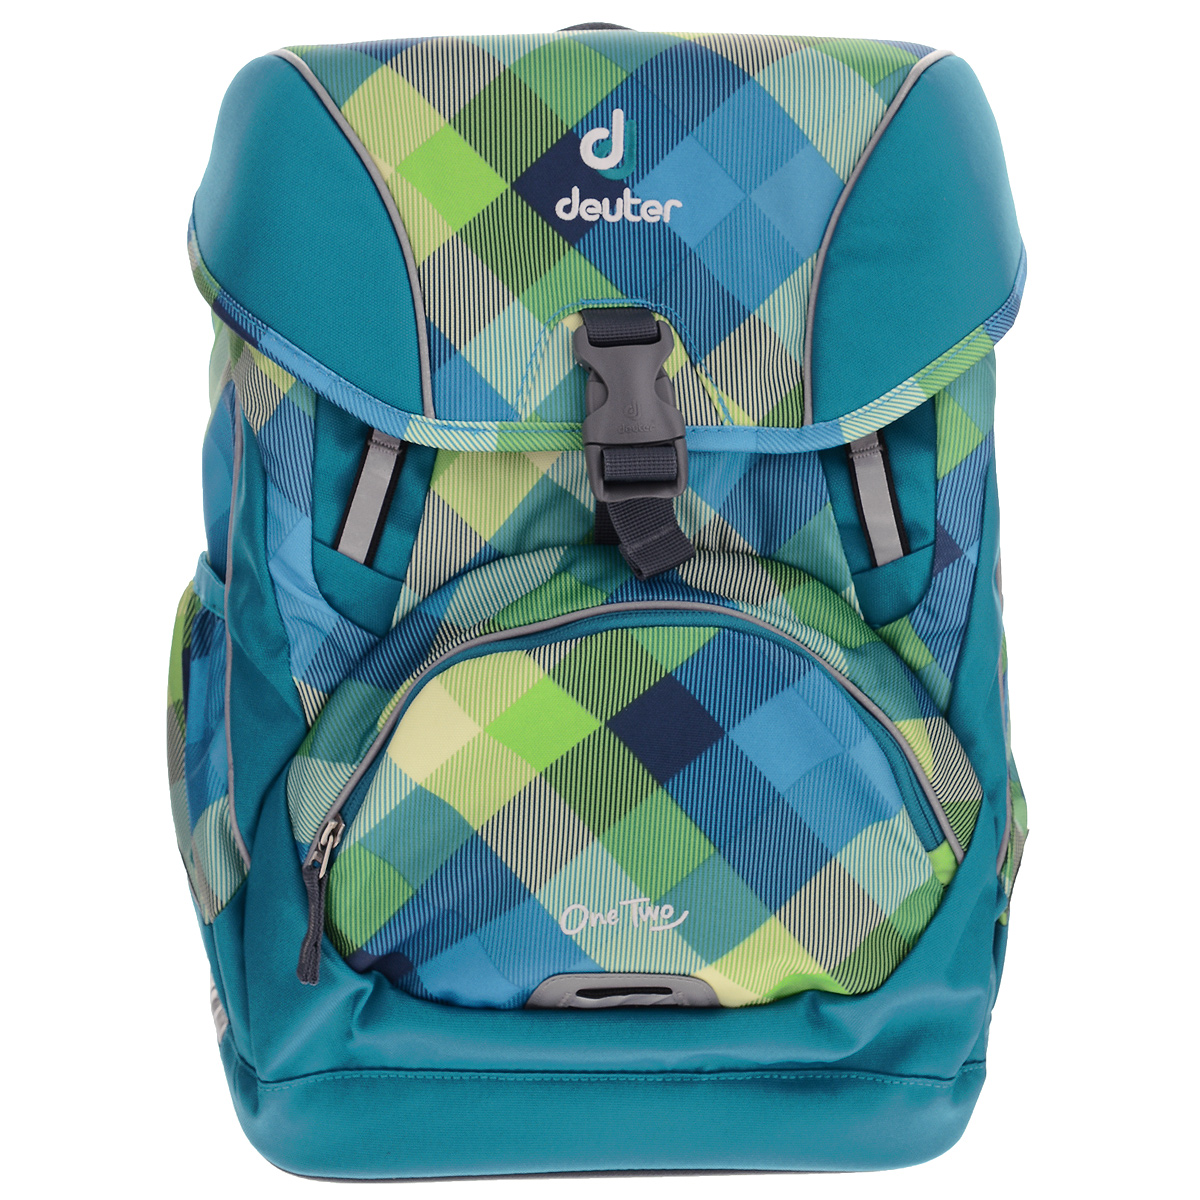 Рюкзак Deuter OneTwo, цвет: голубой, зеленый, желтый72523WDРюкзак Deuter OneTwo выполнен из полиэстера и предназначен для детей младшего школьного возраста. В рюкзаке Deuter OneTwo использована профессиональная конструкция спинки Active Comfort Fit специально для младших школьников. Она обеспечивает удобство носки благодаря мягким подушкам, плотно прилегающим к спине, и двум гибким профилям из пружинной стали. Они могут быть подогнаны под индивидуальные особенности спины ребенка. В тоже время они обеспечивают максимальную стабильность даже при большой загрузке рюкзака, равномерно распределяя его вес. Изделие оснащено гибкими эргономичными активными плечевыми лямками, разработанными в соответствие с детской анатомией. Повторяя каждое движение, они обеспечивают распределение нагрузки и устойчивость посадки рюкзака. Ширина, длина и S-образная форма плечевых лямок с мягкой подкладкой гарантируют не только идеальную подгонку, но и уникальный комфорт. Нагрудный ремешок и съемный набедренный пояс обеспечивают дополнительную фиксацию. Имеется ручка для удобной переноски в руках. Рюкзак имеет одно большое отделение, которое закрывается на защелку. Внутри большого отделения имеется карман с твердой перегородкой для тетрадей, альбома и дневника. Откидная крышка рюкзака оснащена прозрачным окошечком. Снаружи, на лицевой стороне, рюкзака размещен накладной карман на молнии. По бокам рюкзака расположены два внешних кармана, стянутых сверху резинками. Светоотражающие вставки не оставят вашего ребенка незамеченным в темное время суток. В комплект также входят сумка для сменной обуви, пенал для школьных принадлежностей и кошелек.